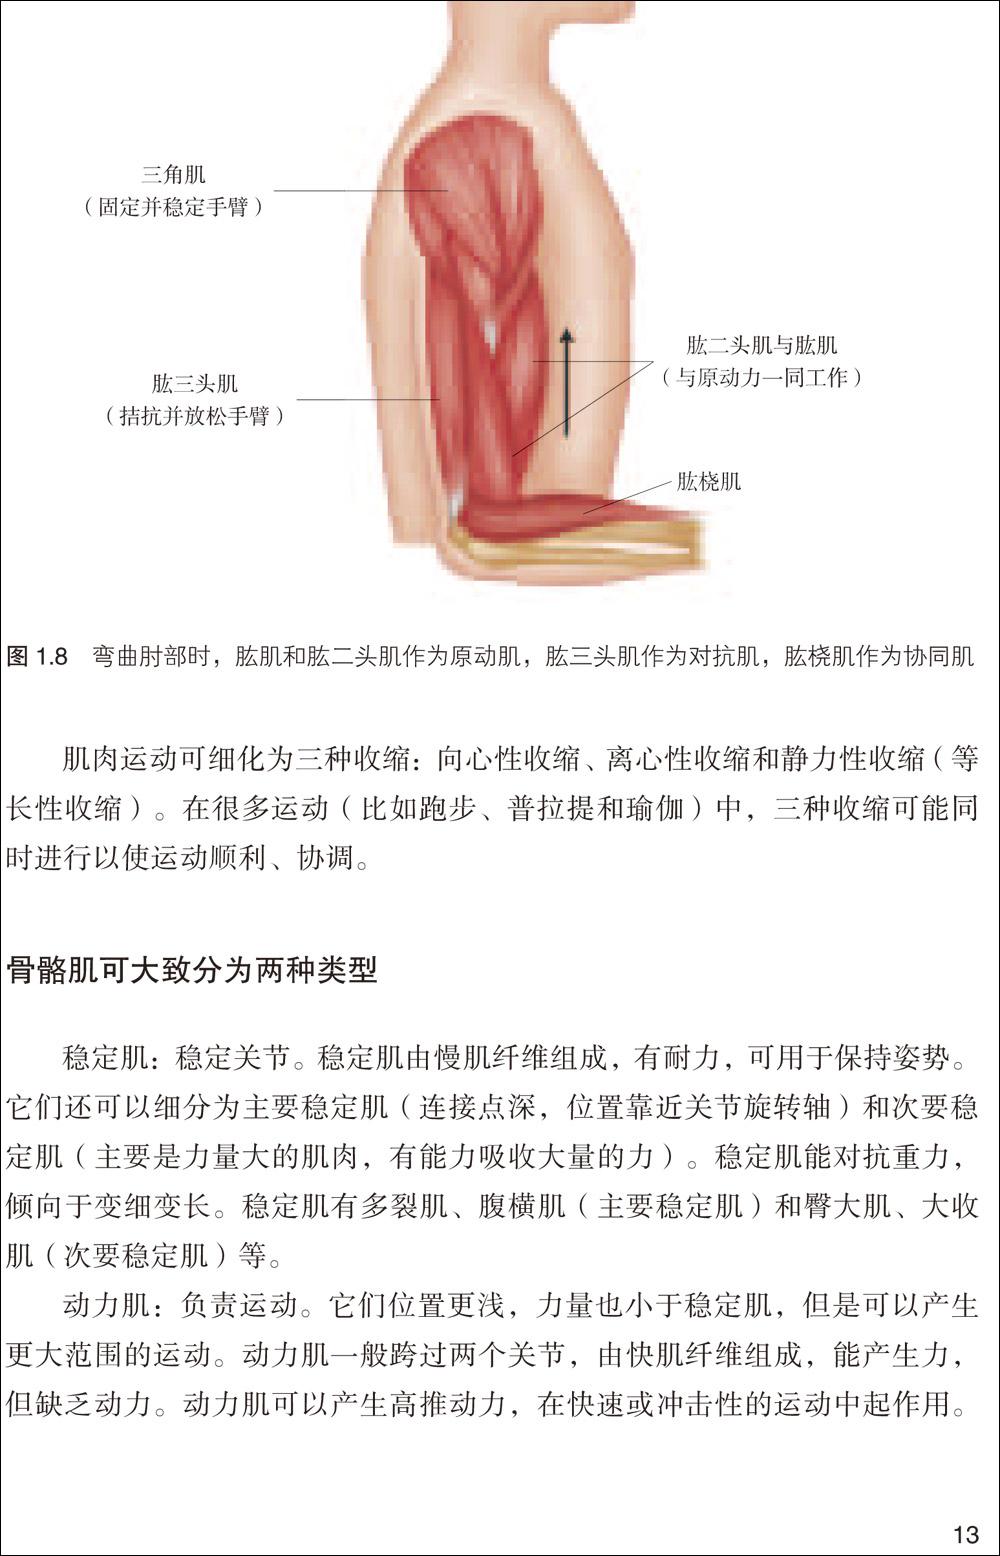 左手小指解剖学骨骼结构图